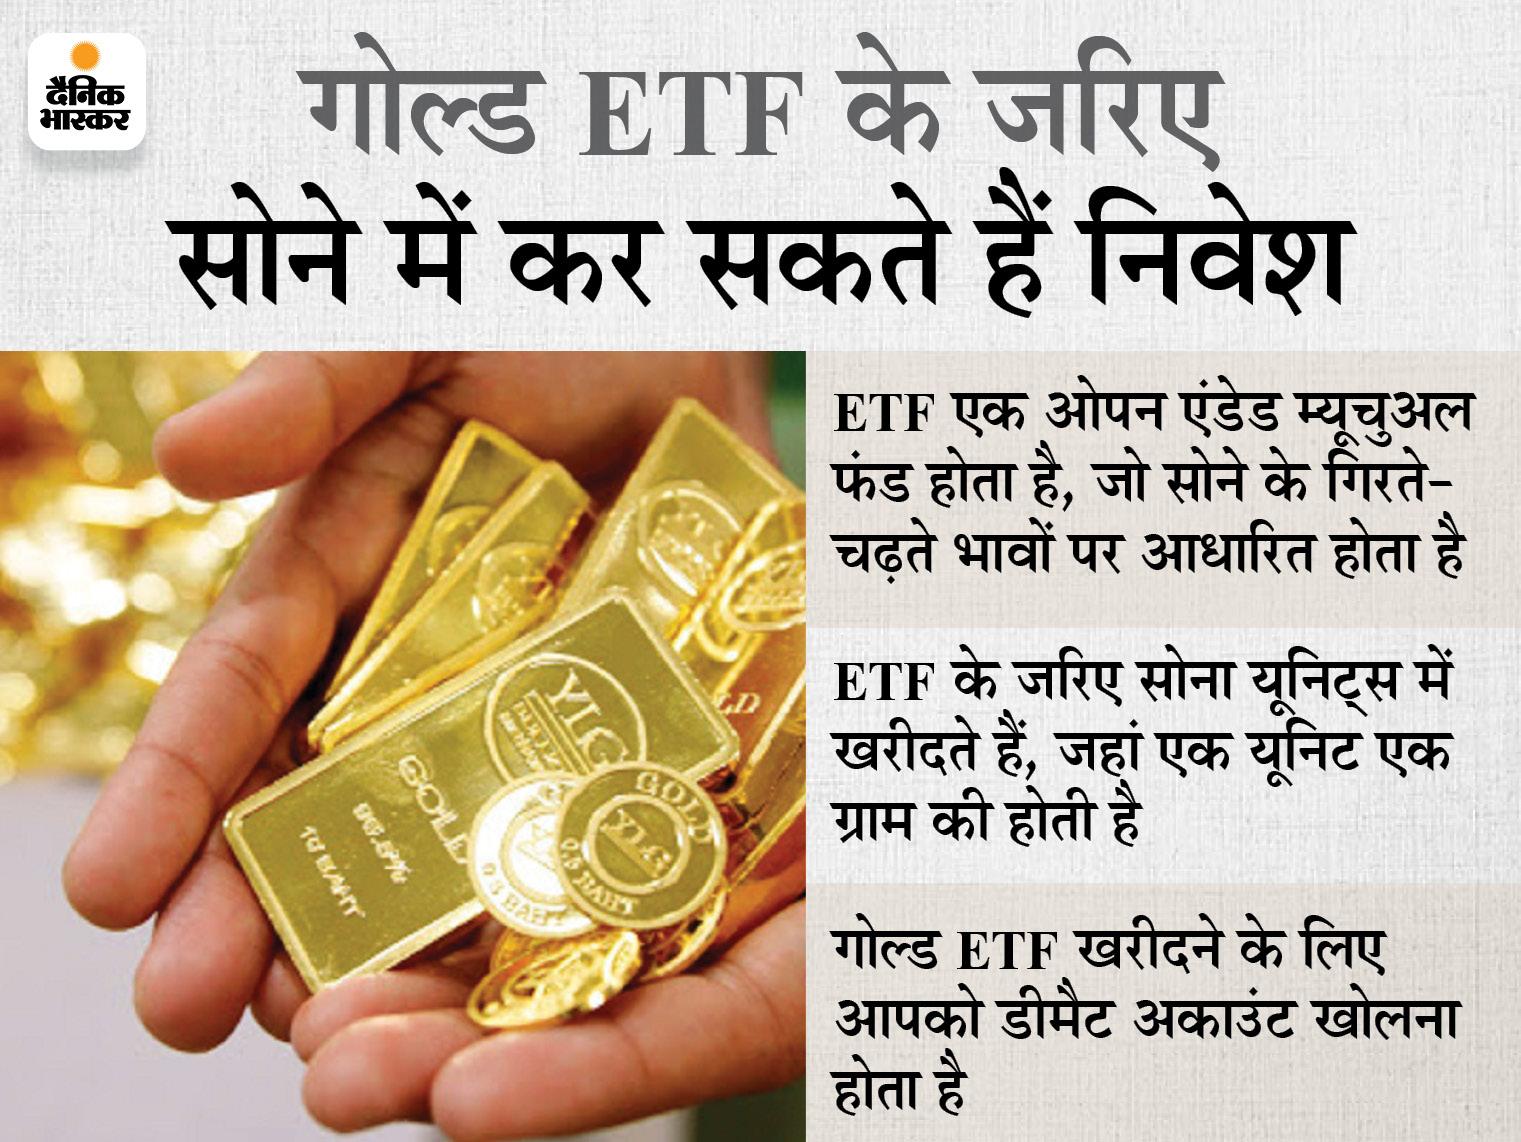 लोगों को रास आ रहा गोल्ड ETF, अप्रैल-जून तिमाही में इसमें 1,328 करोड़ रुपए का निवेश हुआ|बिजनेस,Business - Dainik Bhaskar